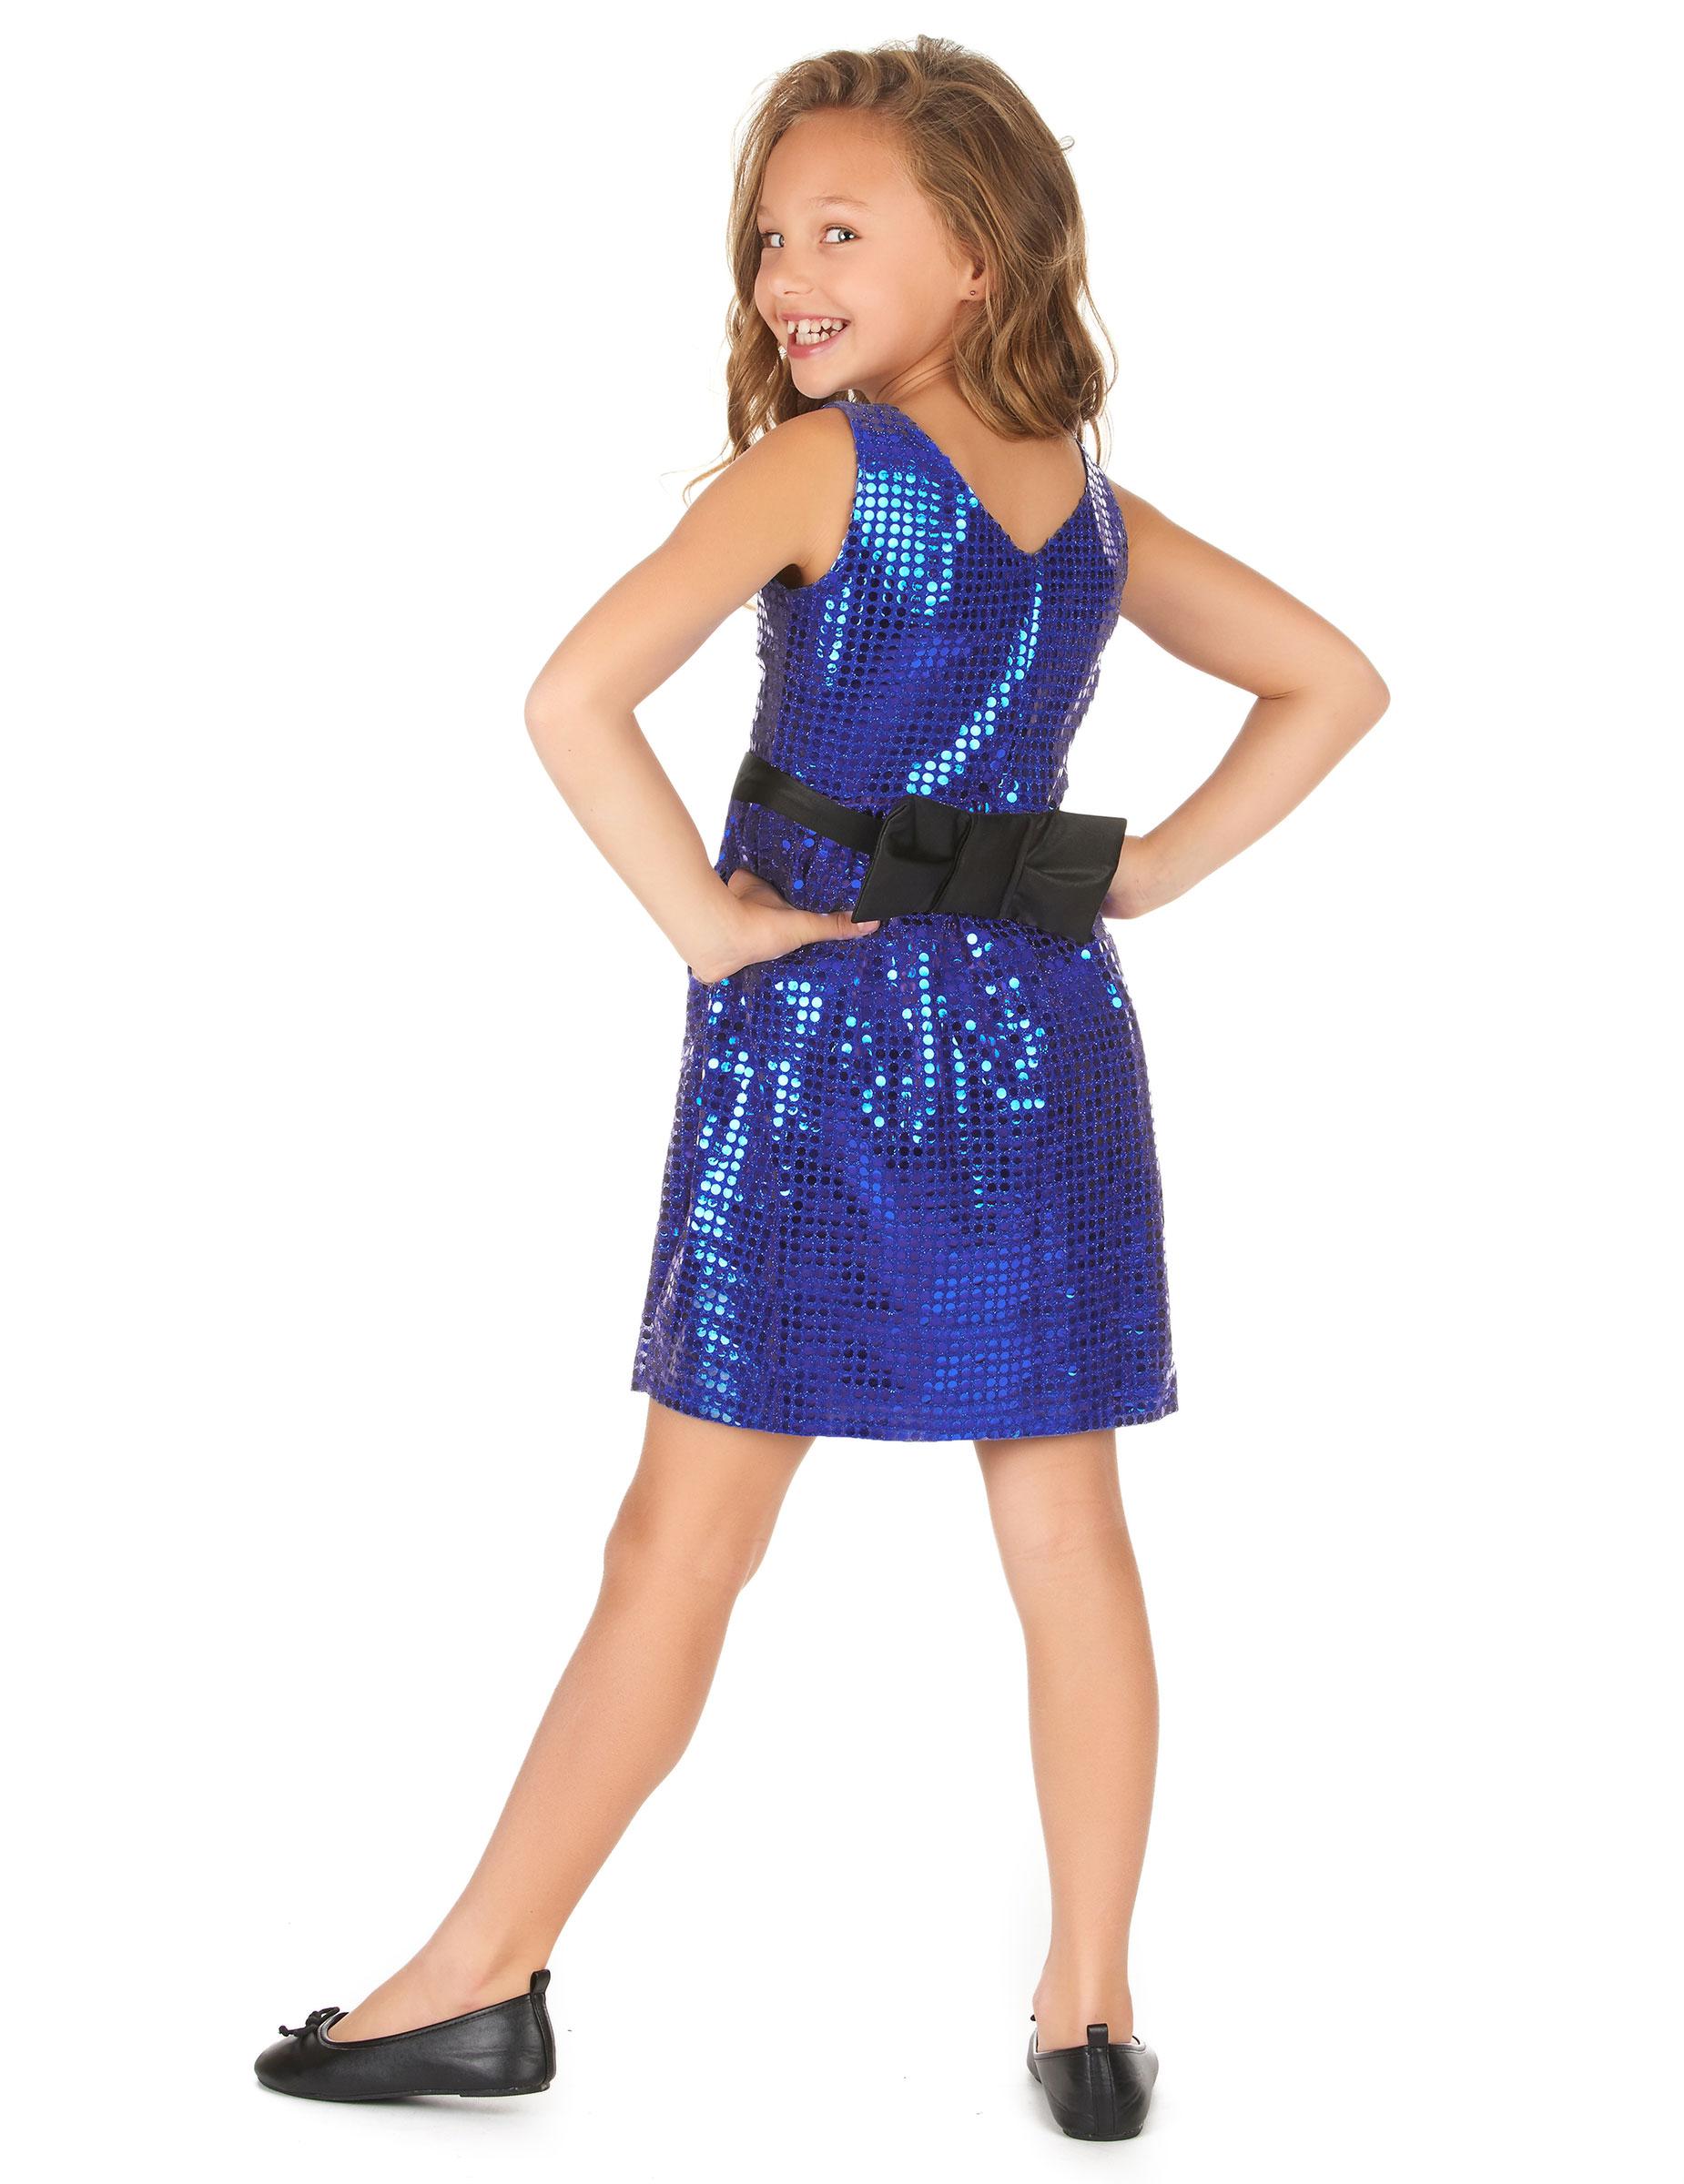 Déguisement robe disco bleue paillette avec gros noeud fille ... 575d769a844b